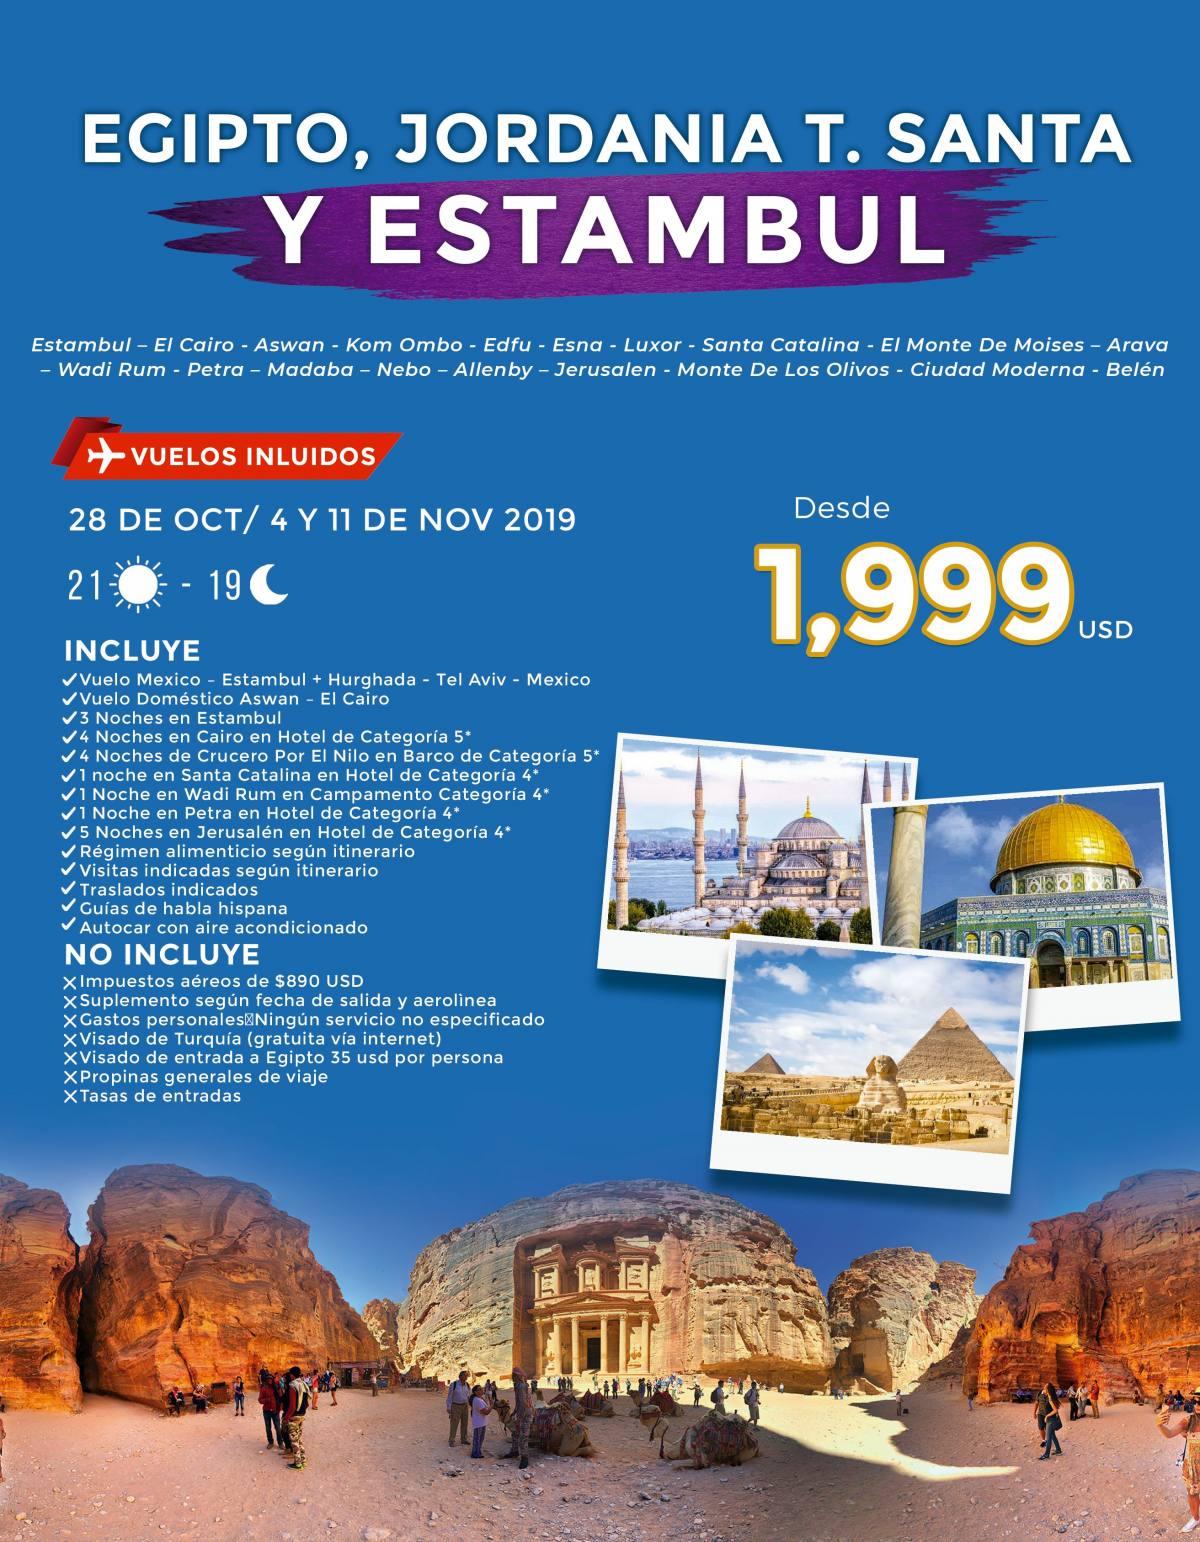 Egipto Jordania Tierra Santa y Estambul 21 Diás desde 1,999 USD